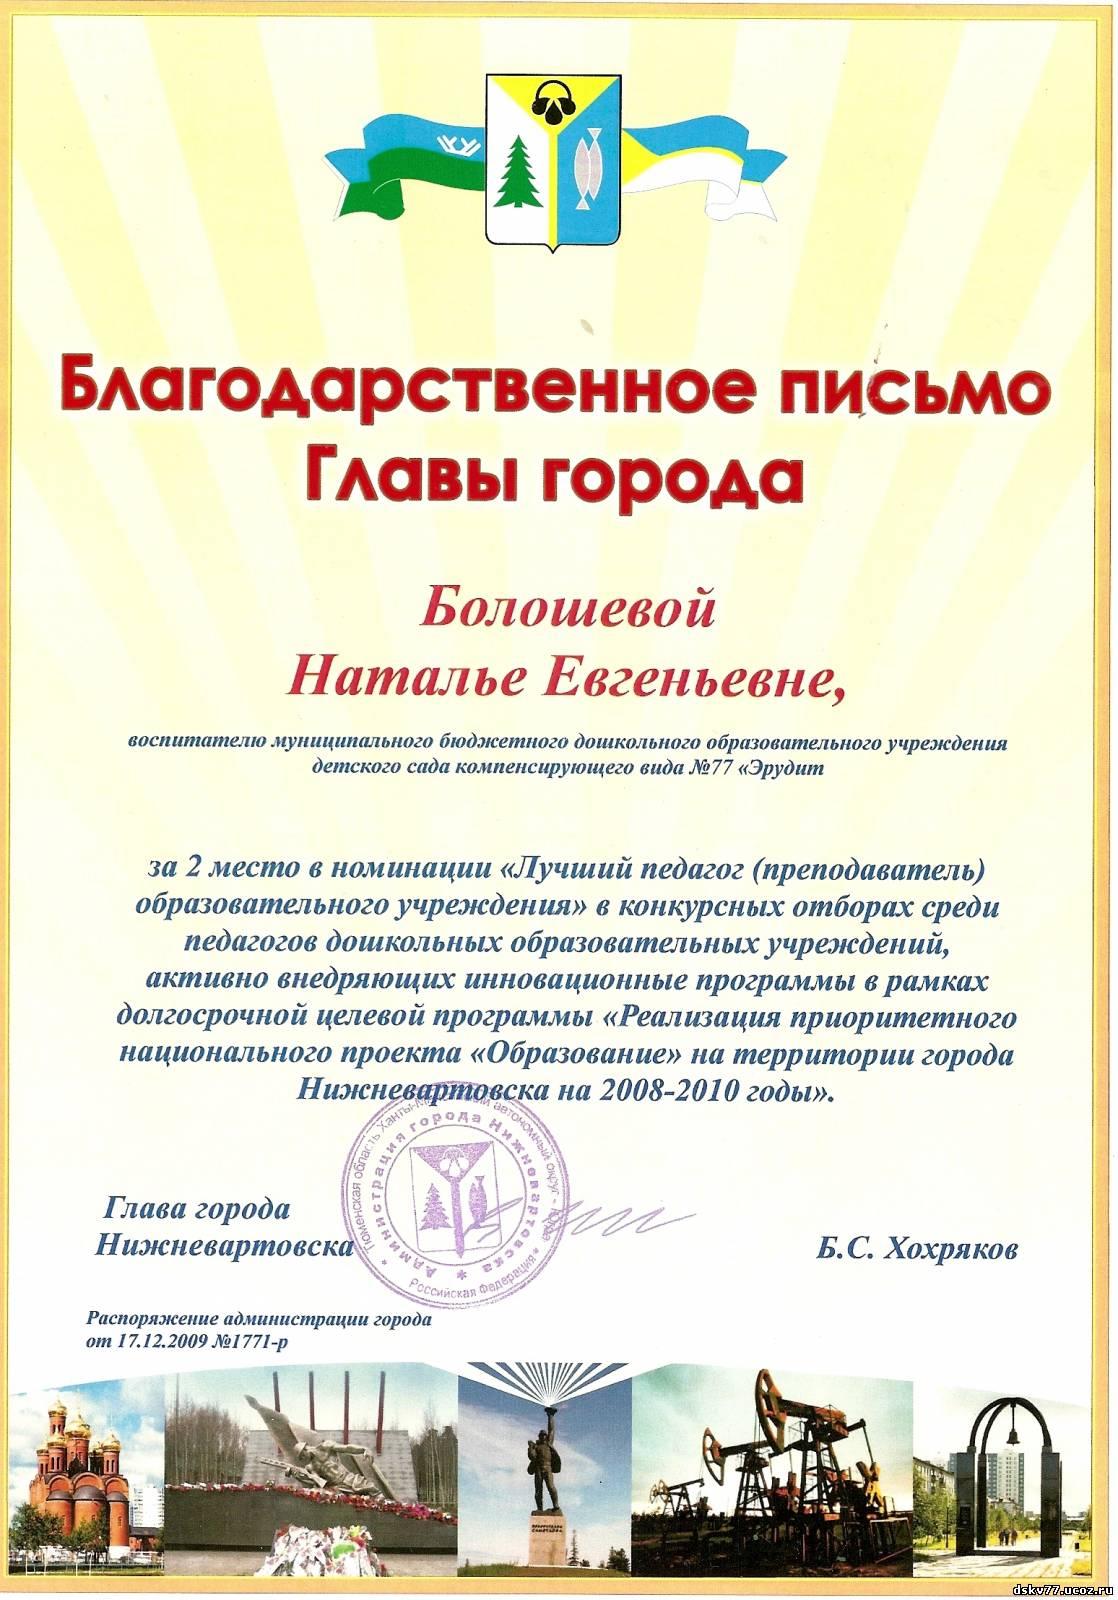 Юбилей председателя спорткомитета поздравления